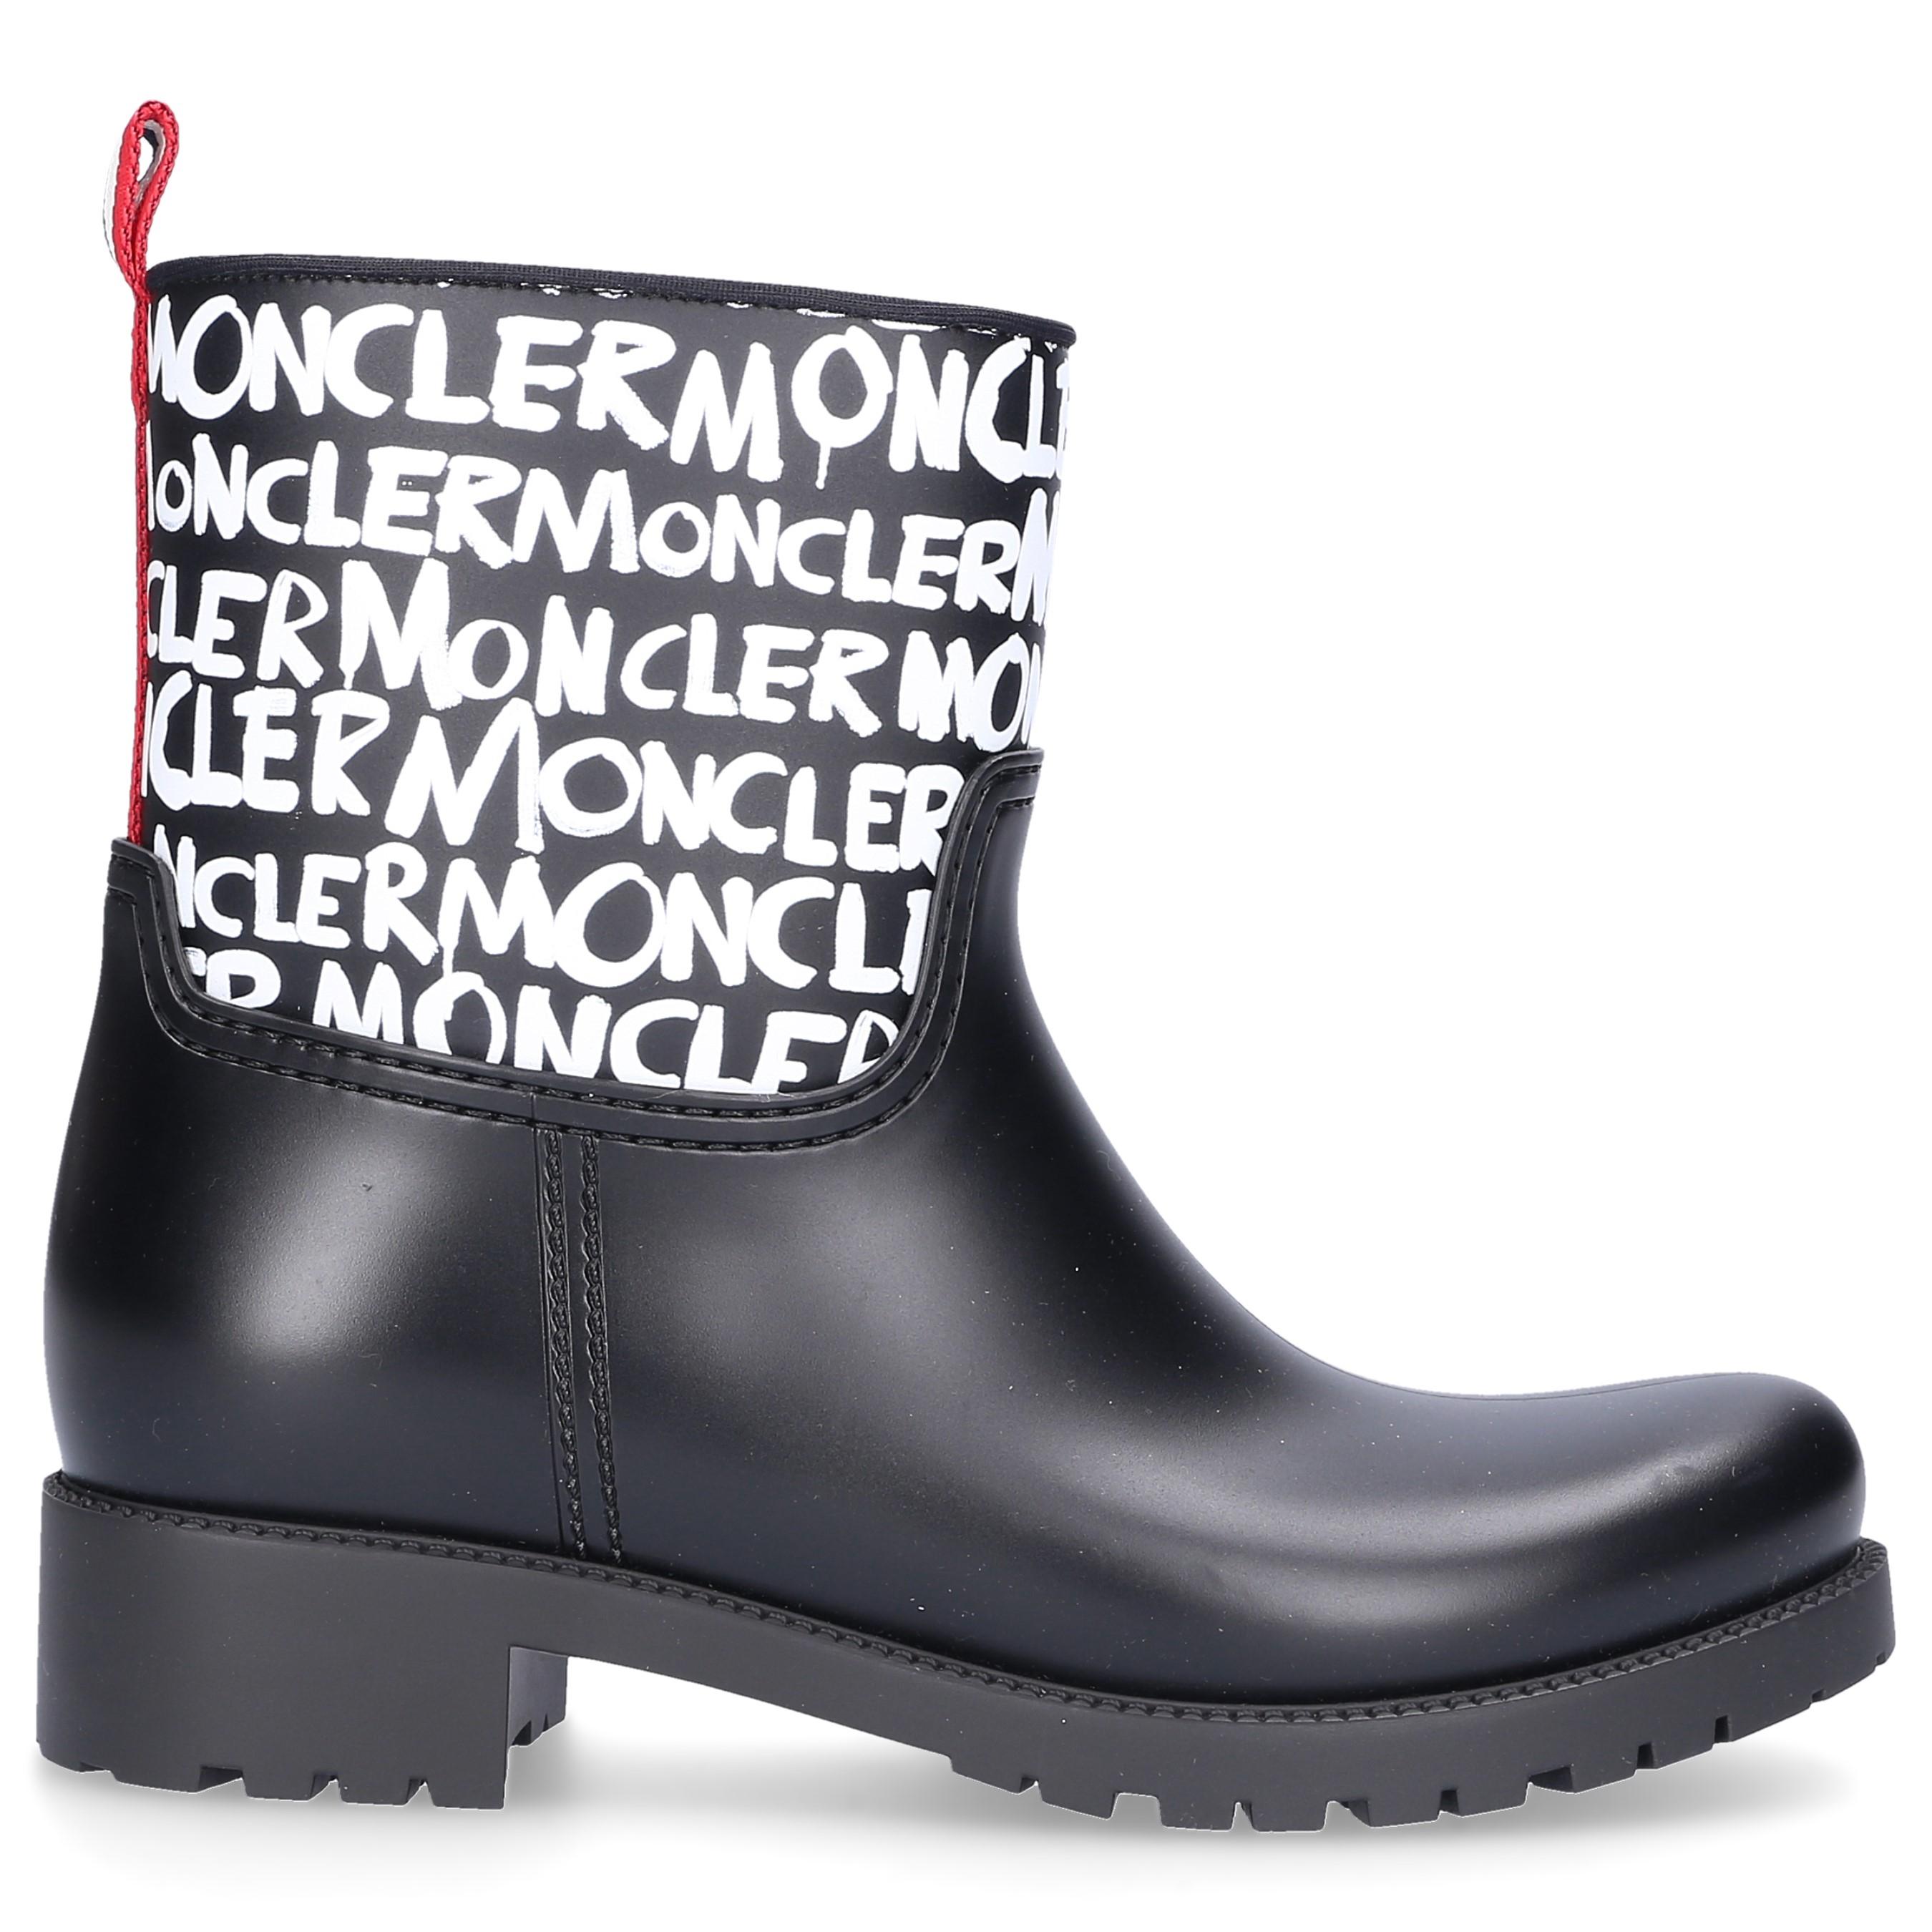 Moncler Gummistiefel GINETTE Gummi Logo Print schwarz